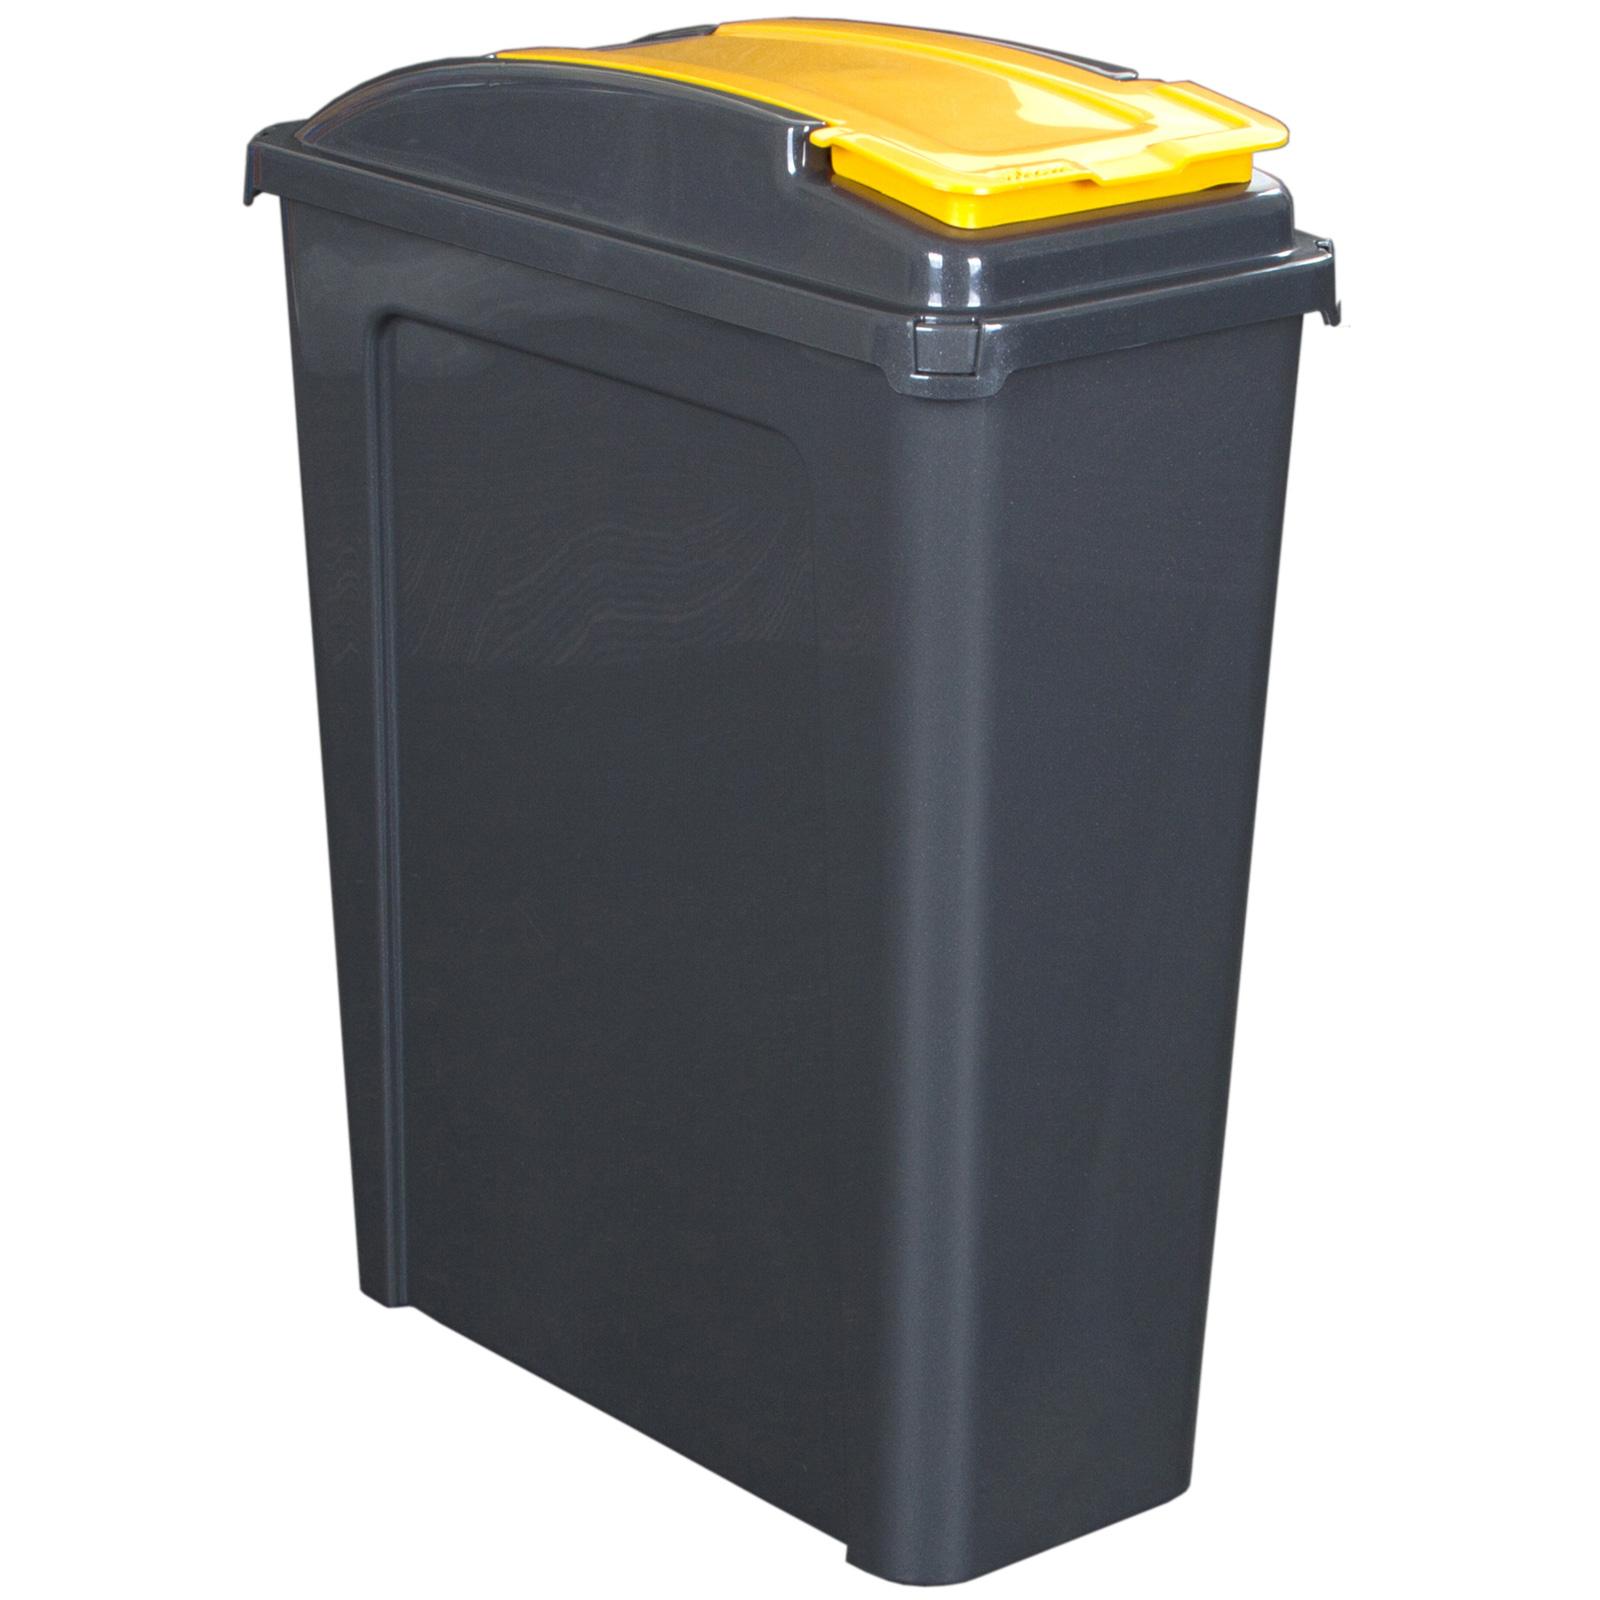 Muelleimer-50-25L-Abfalleimer-Deckel-Eimer-Papierkorb-Abfallsammler-Recycling